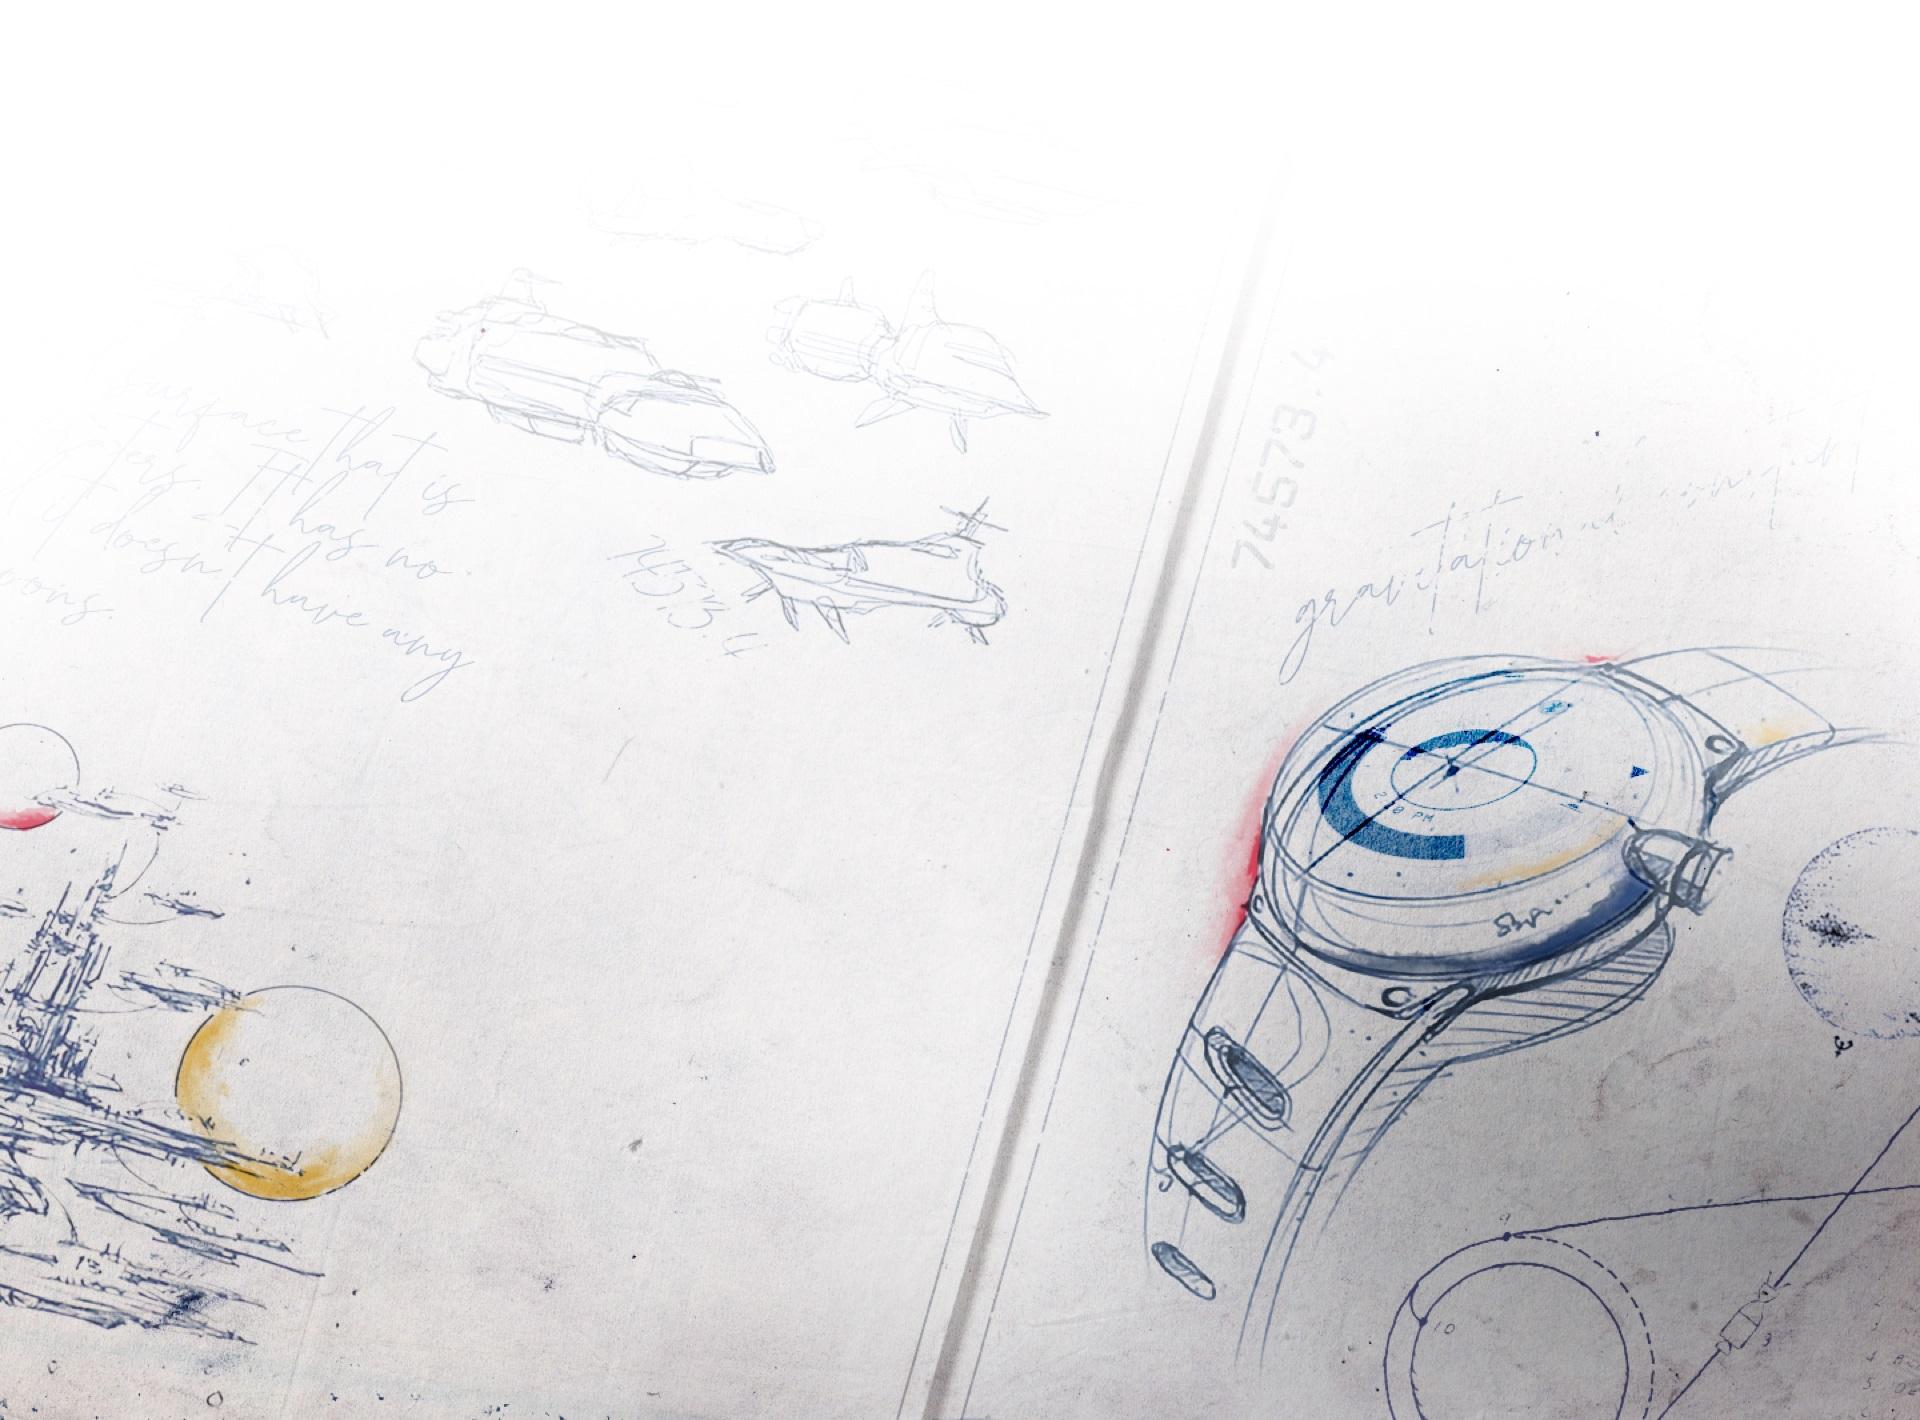 Утечка: Концепт космического корабля и часов с интерфейсом из Starfield